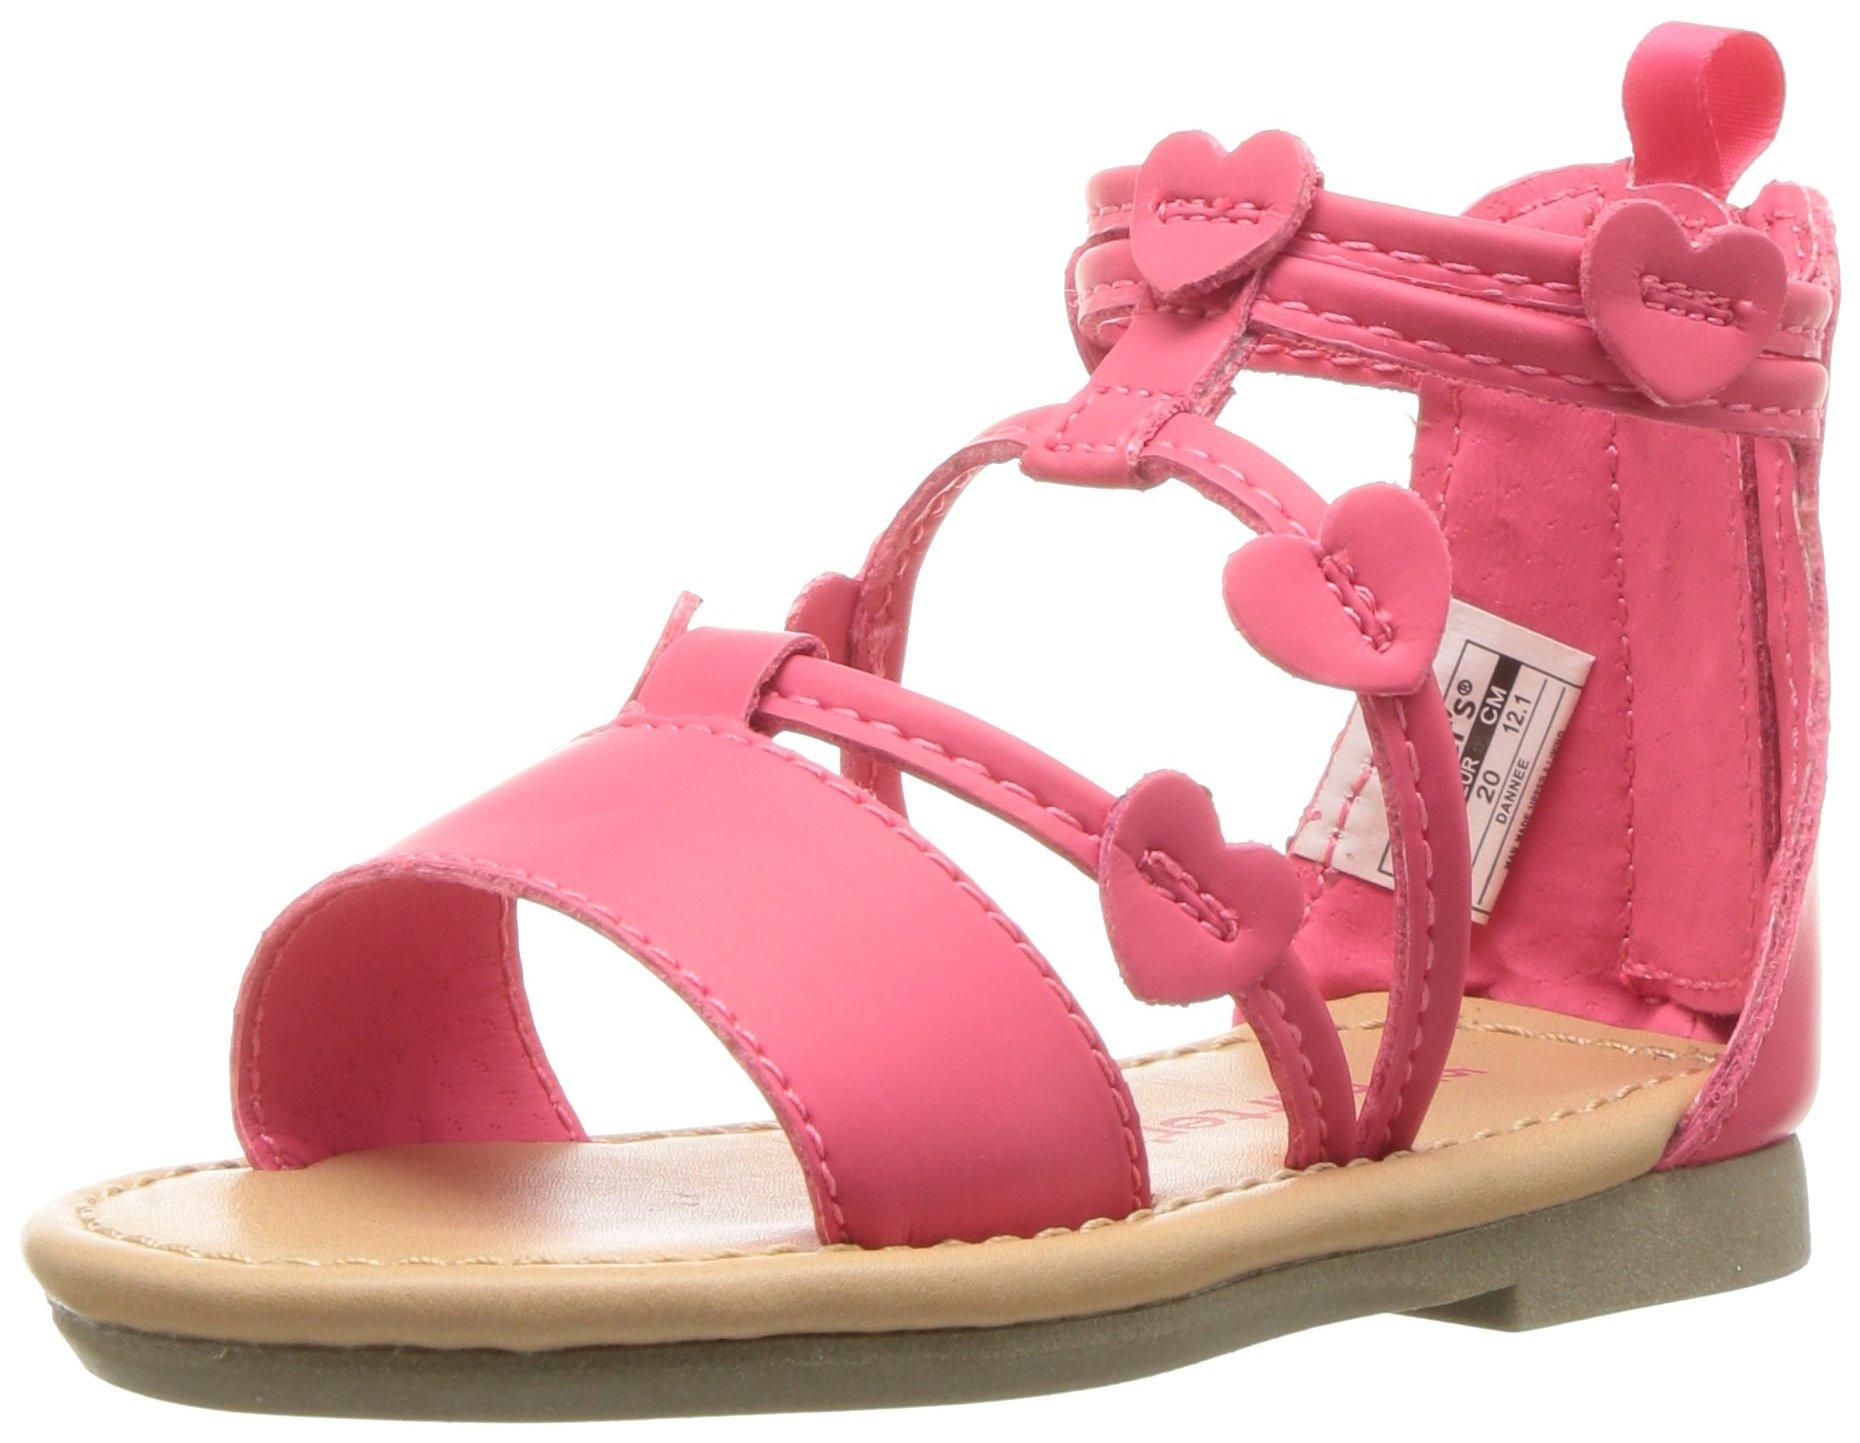 Carter's Girls' Dannee Fashion Sandal, Pink, 9 M US Toddler